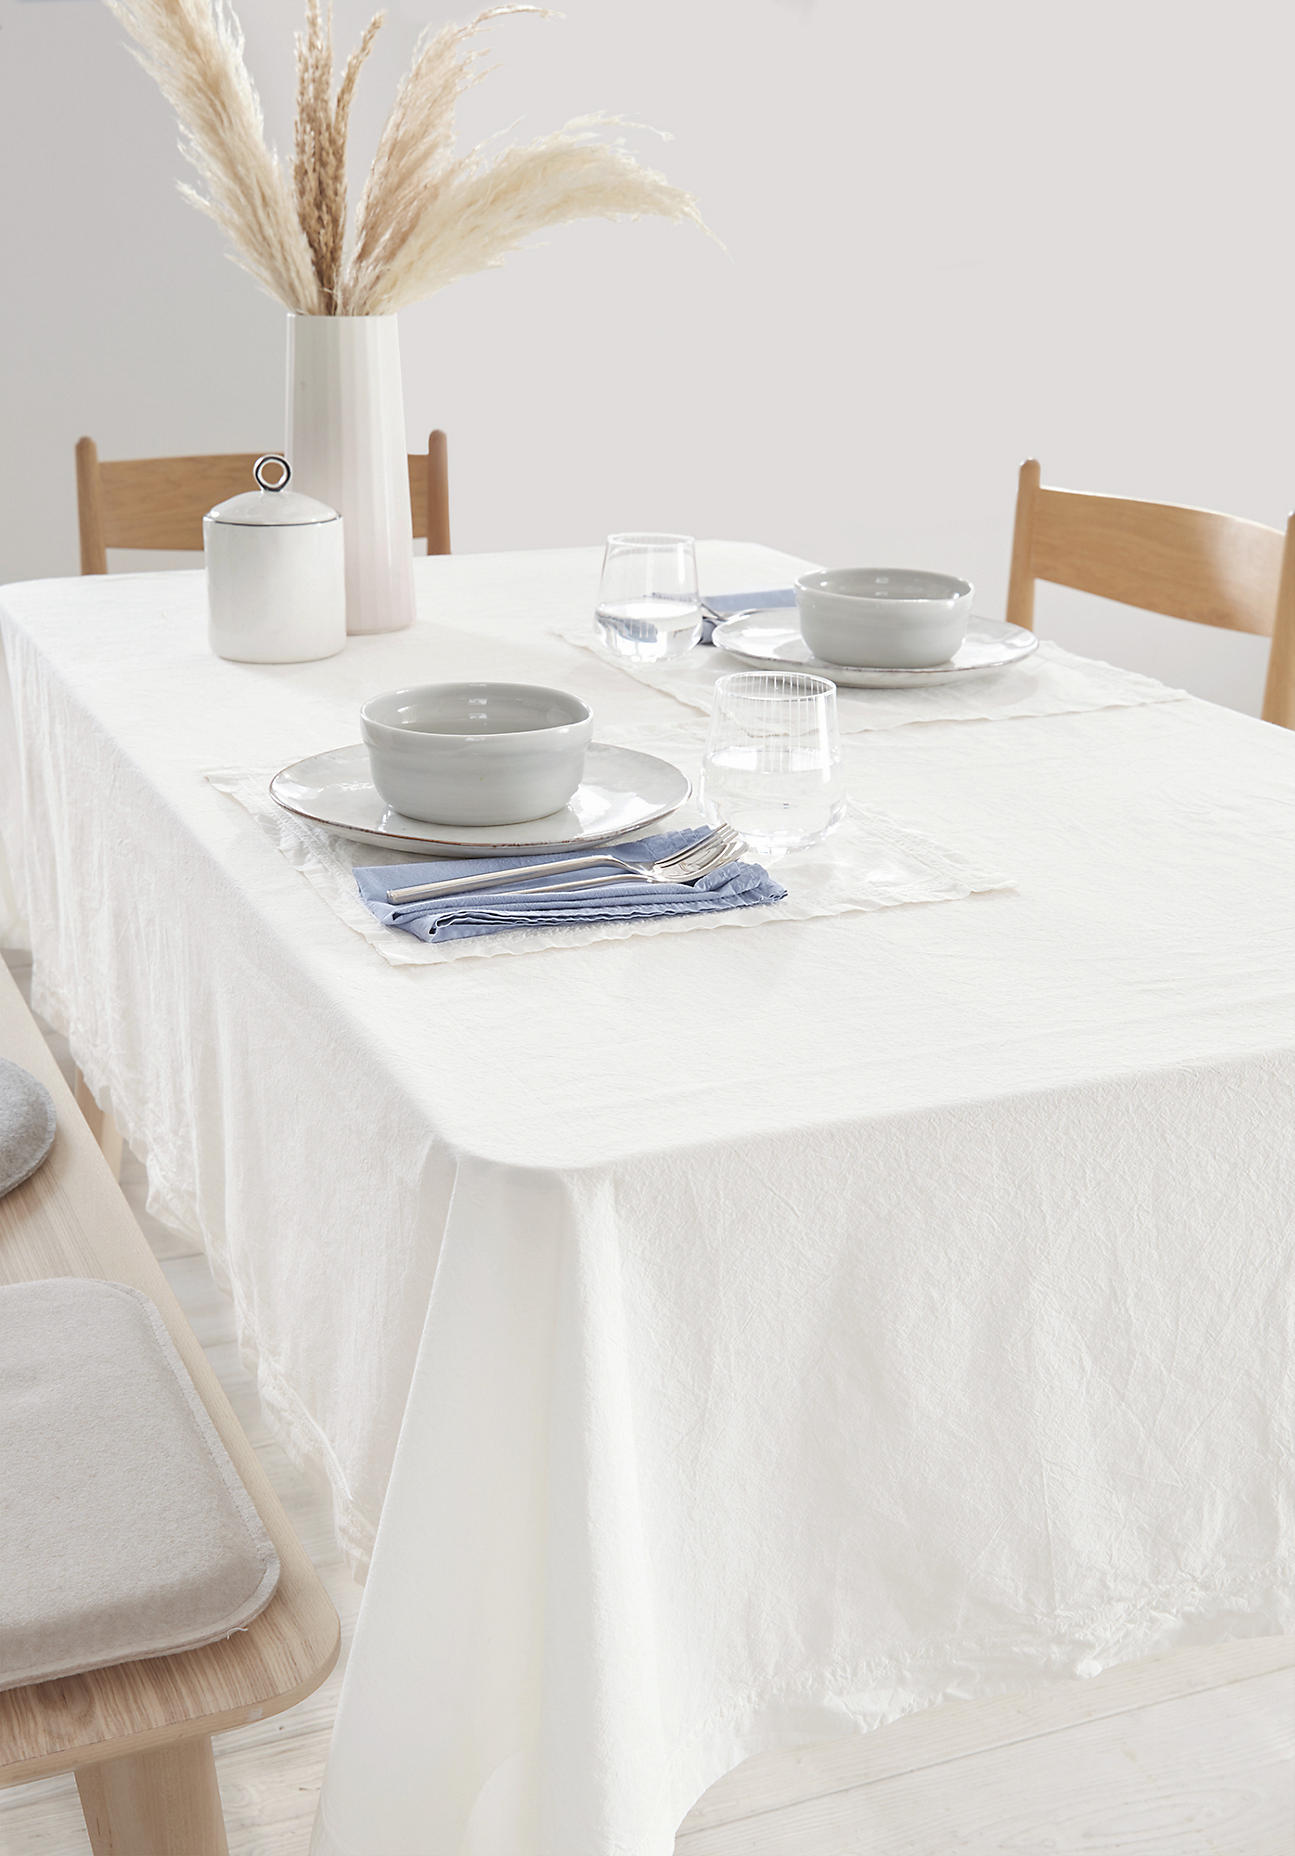 hessnatur Perkal-Tischtuch aus Bio-Baumwolle – weiß – Größe 145x200 cm